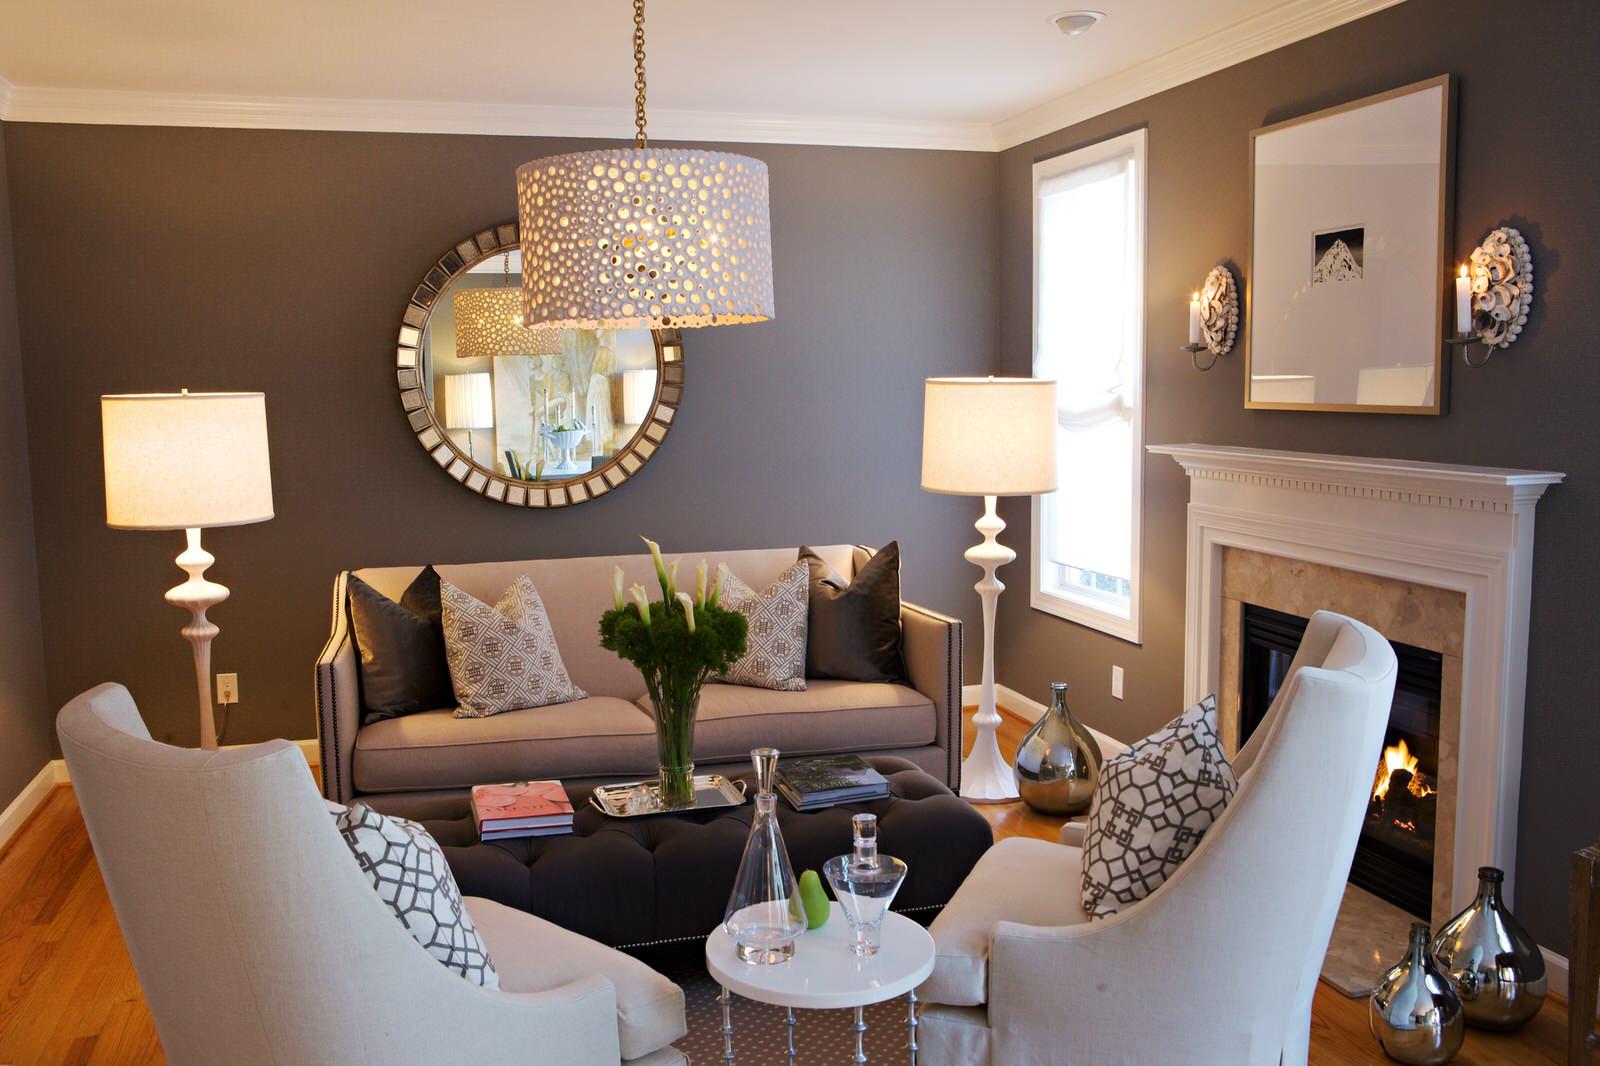 In seguito è fondamentale conoscere le varie tecniche di pittura pareti per capire come imbiancare casa o come pitturare una stanza in modo originale. Imbiancare Casa Colori Di Tendenza Per Ogni Stanza Idee Colore Pareti Per Tinteggiare Casa Start Preventivi